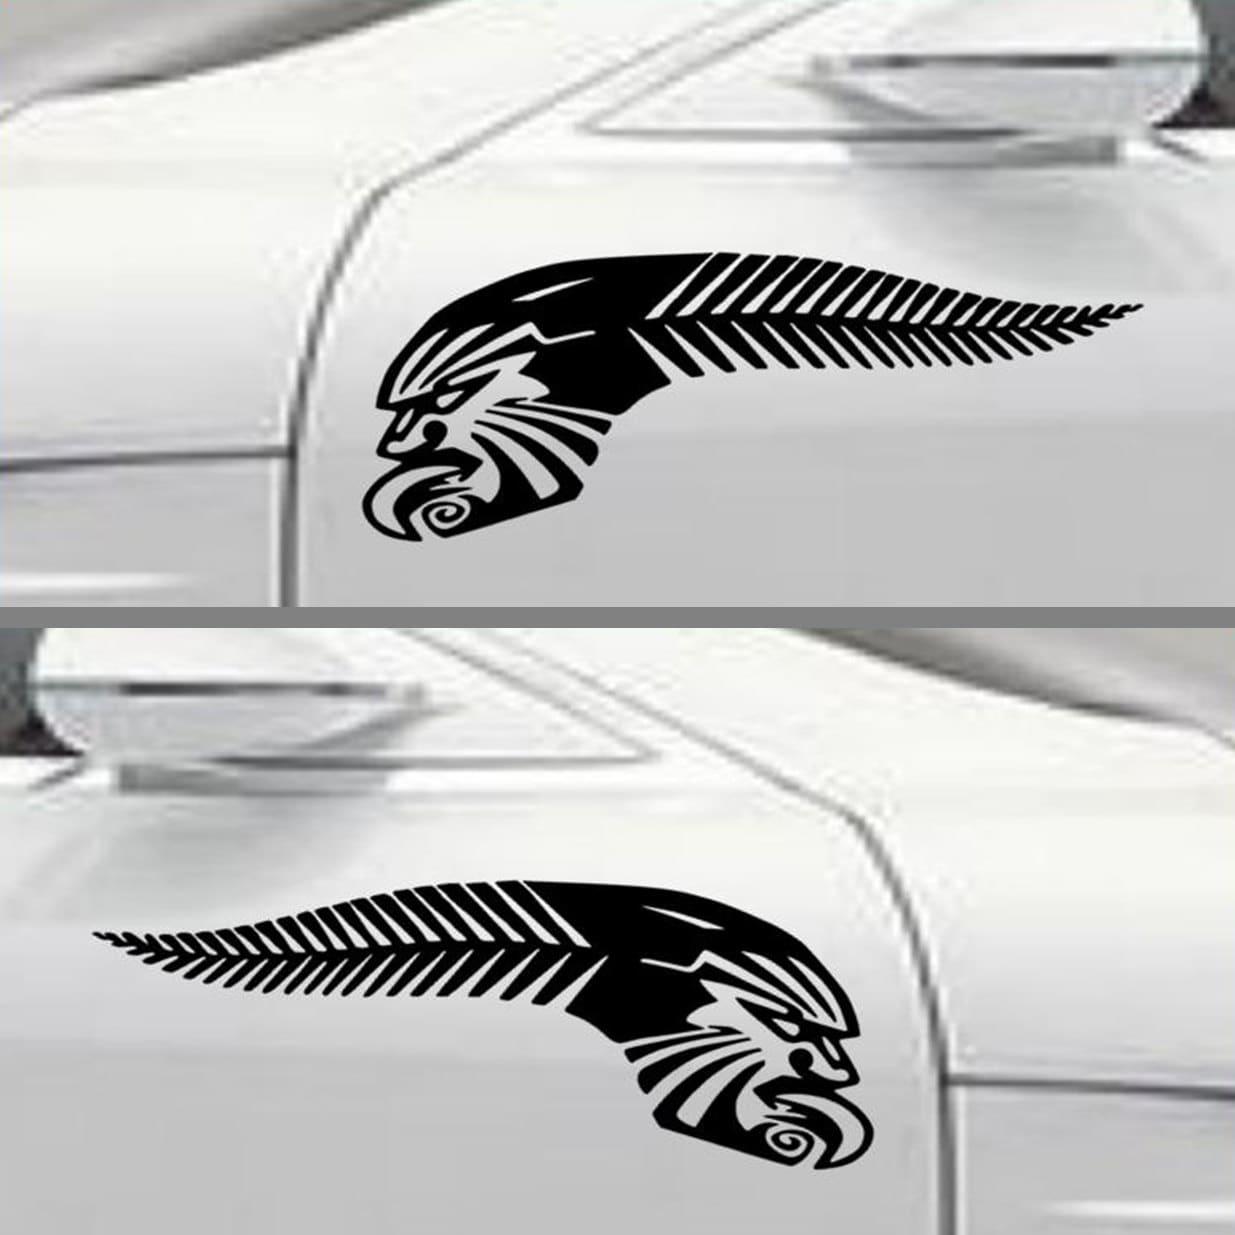 Maori Kiwi Tattoo: Kiwi Pride NZ Sticker Silver Fern Maori Tattoo Design Decals